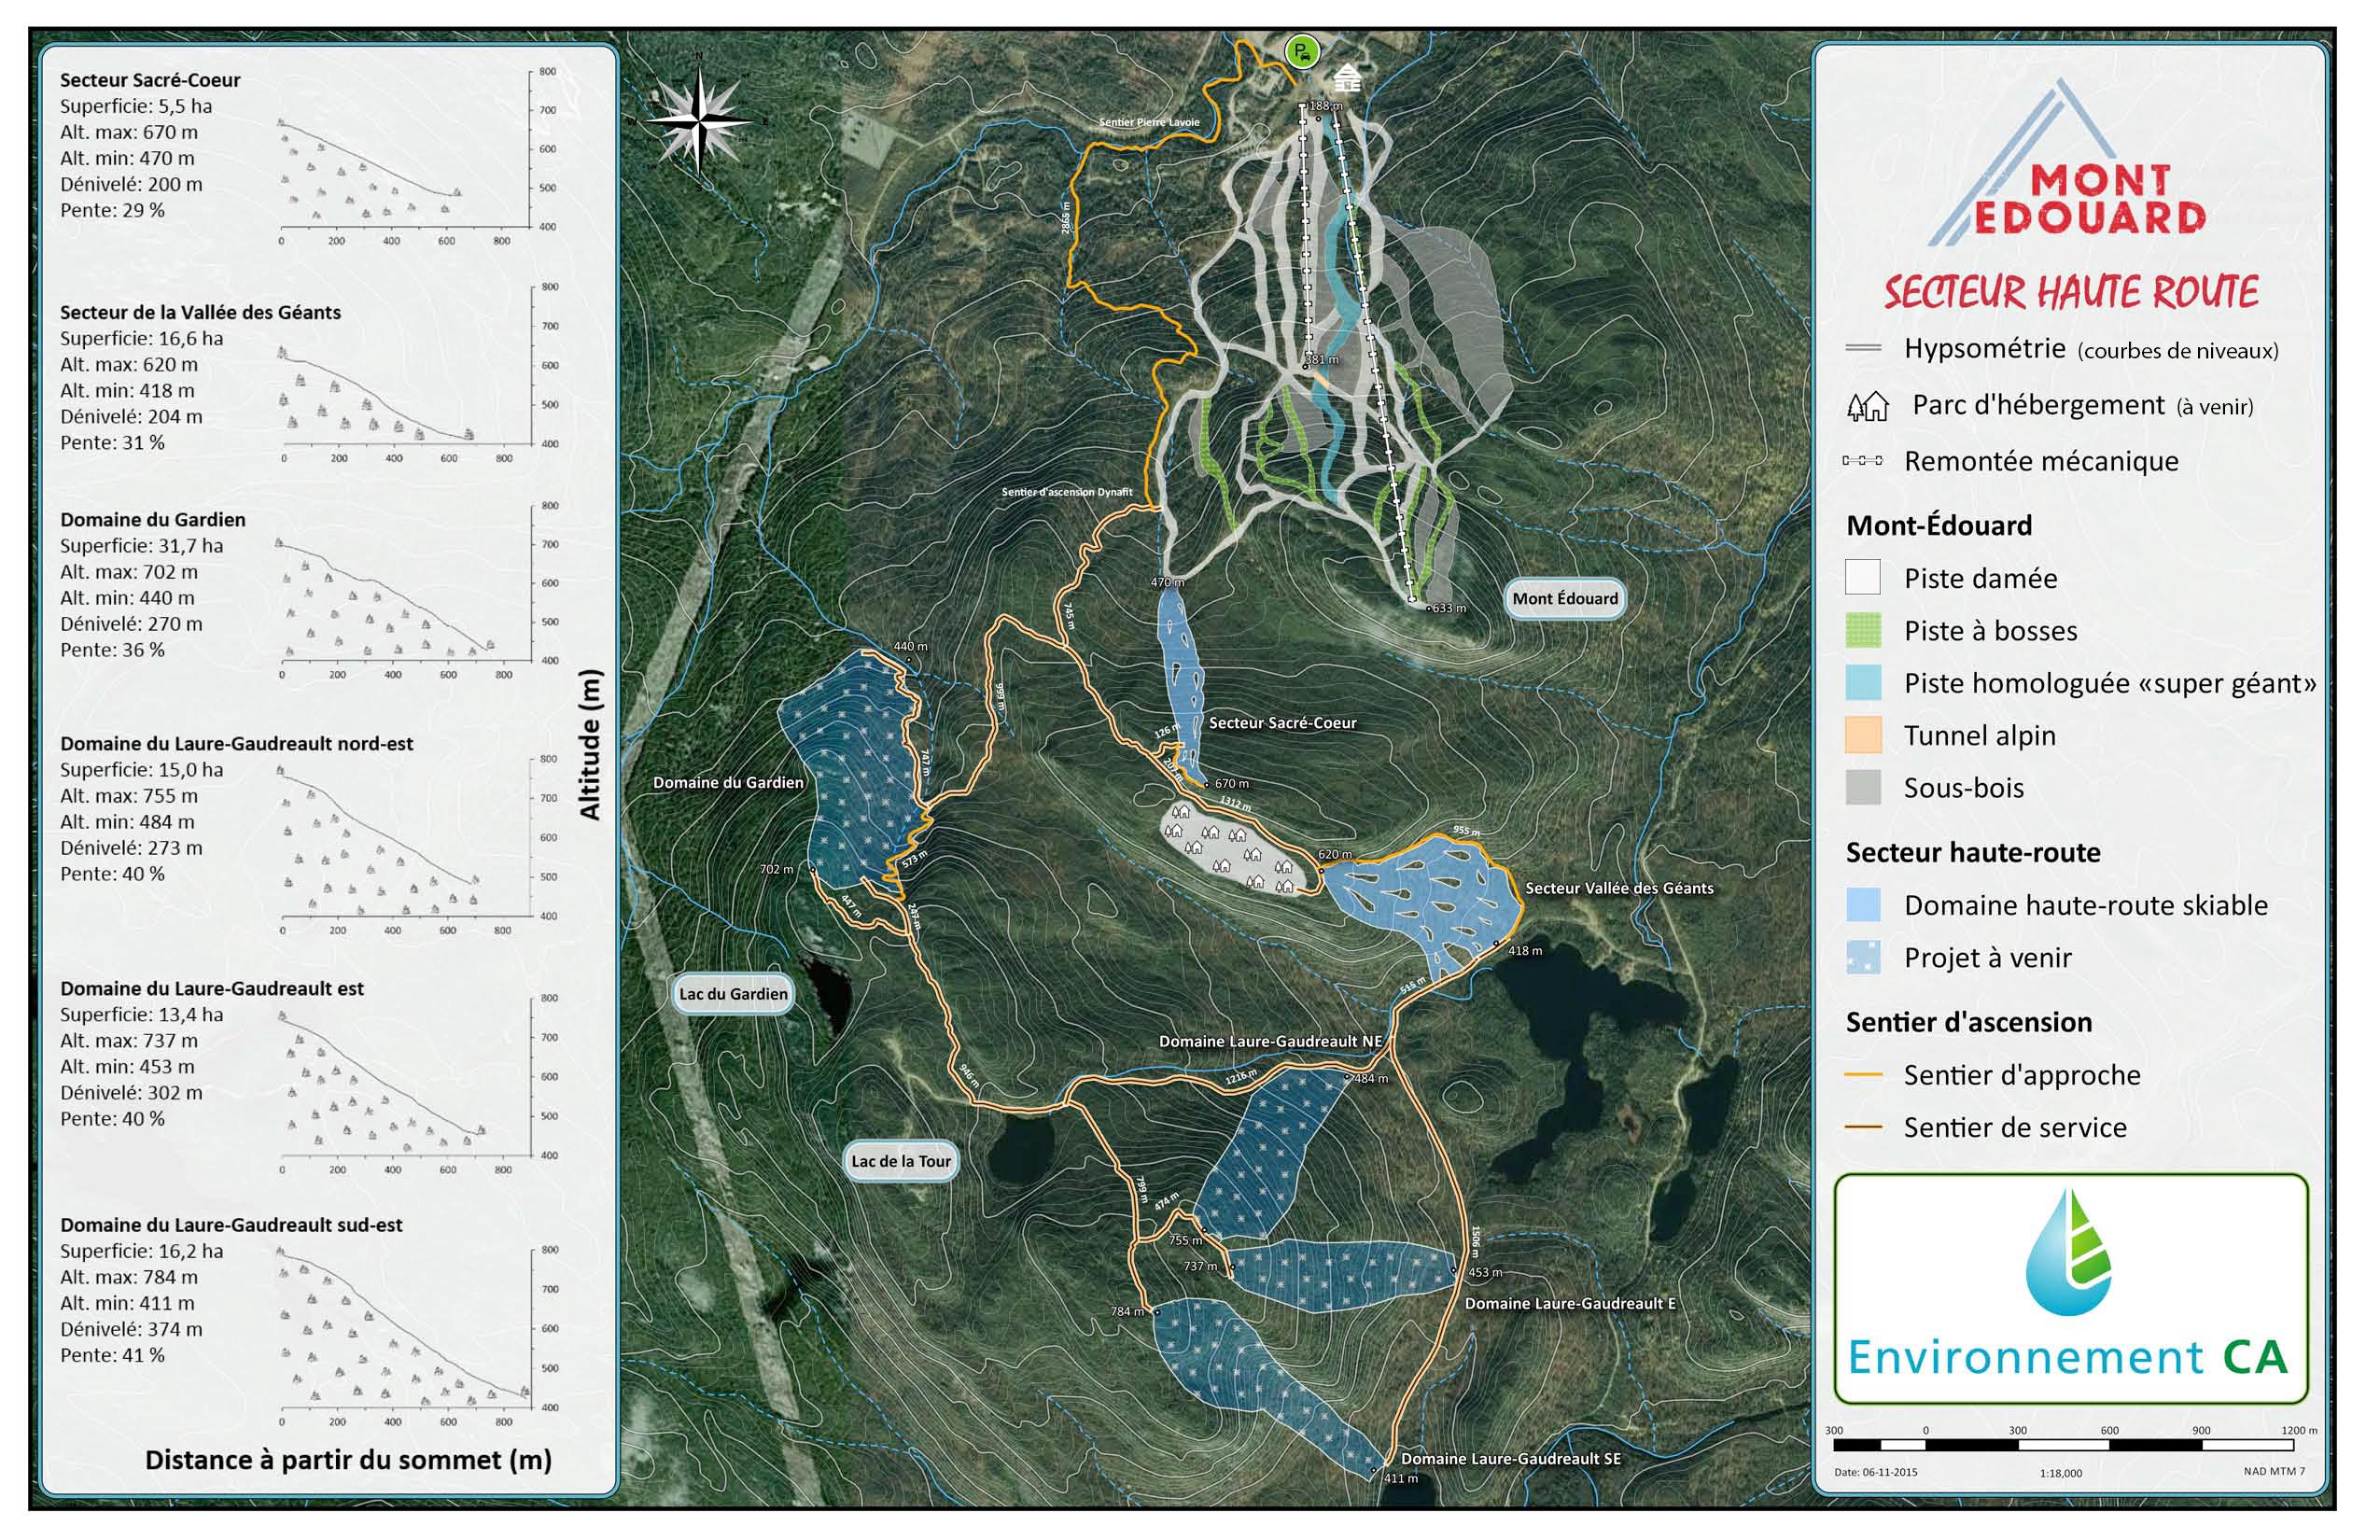 Carte de localisation des secteurs aménagés et futurs du domaine haute-route au Mont-Édouard